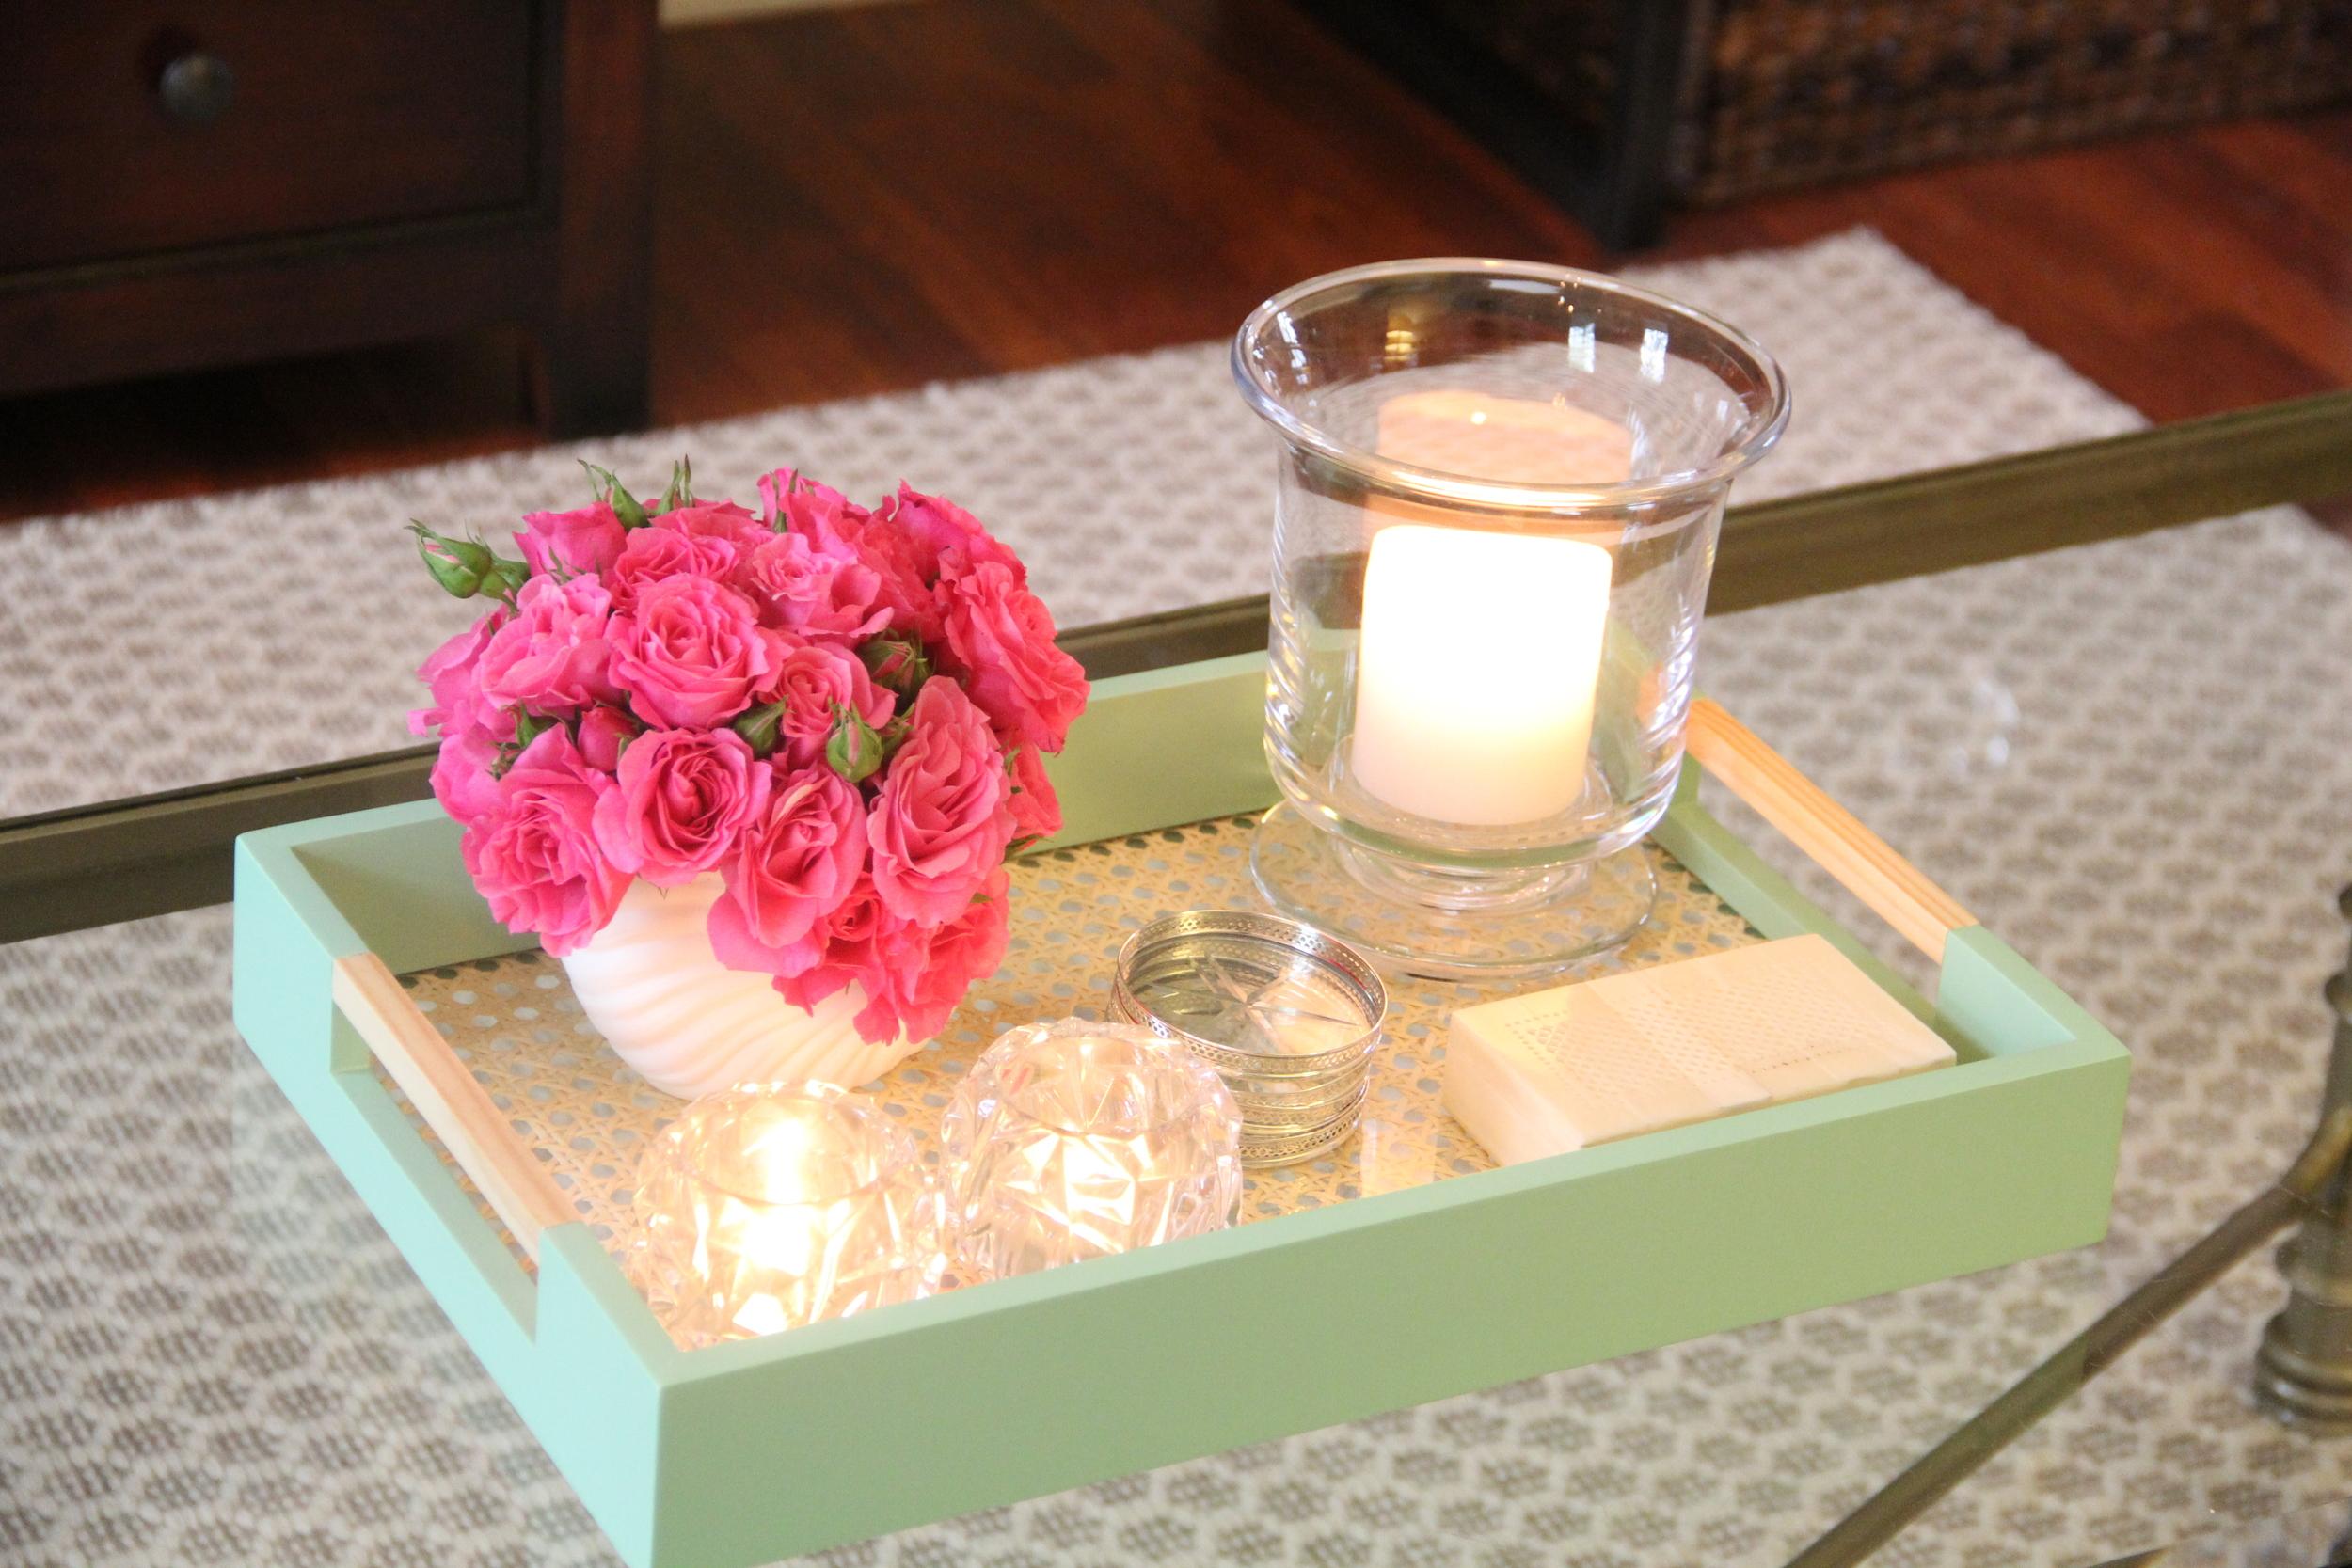 Coffee Table Flowers.JPG